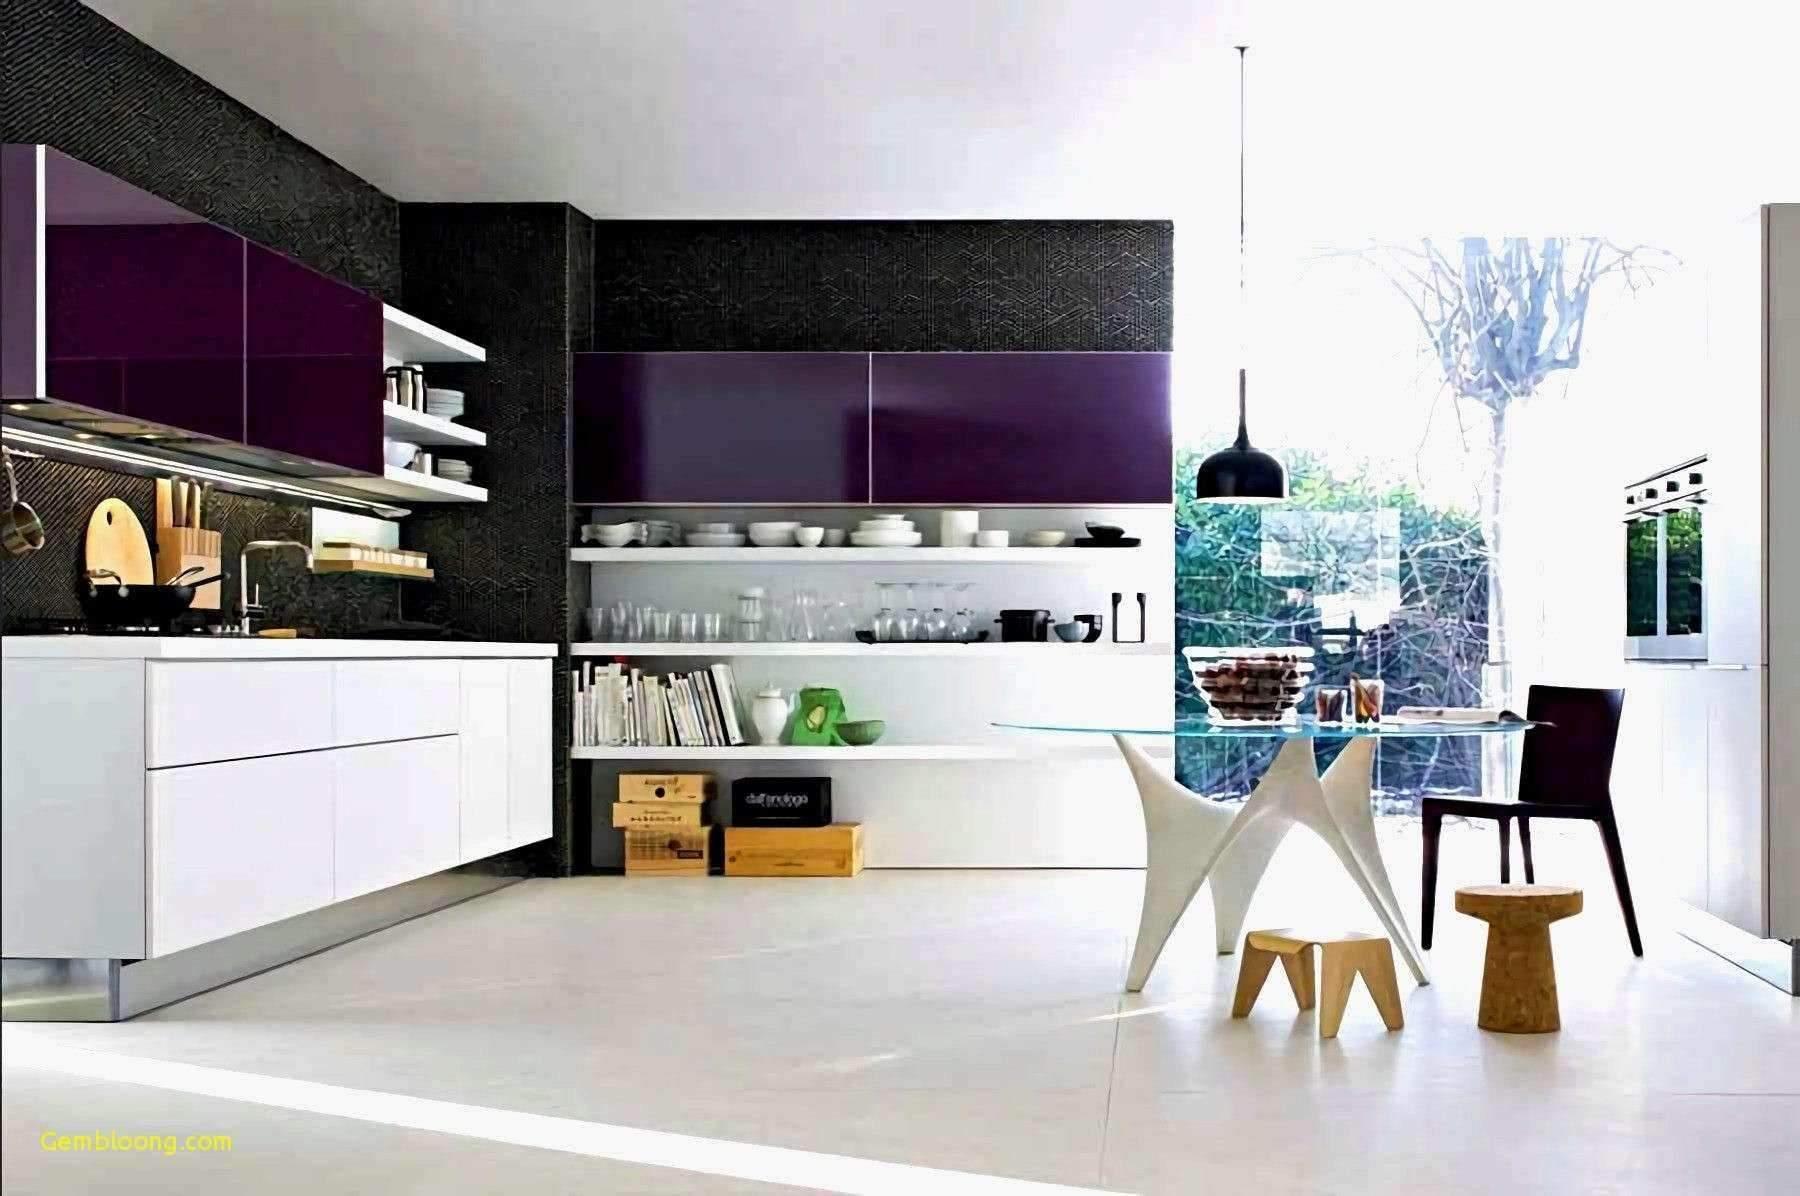 bilder modern wohnzimmer frisch bilder modern wohnzimmer luxus wohnzimmer landhausstil 0d of bilder modern wohnzimmer